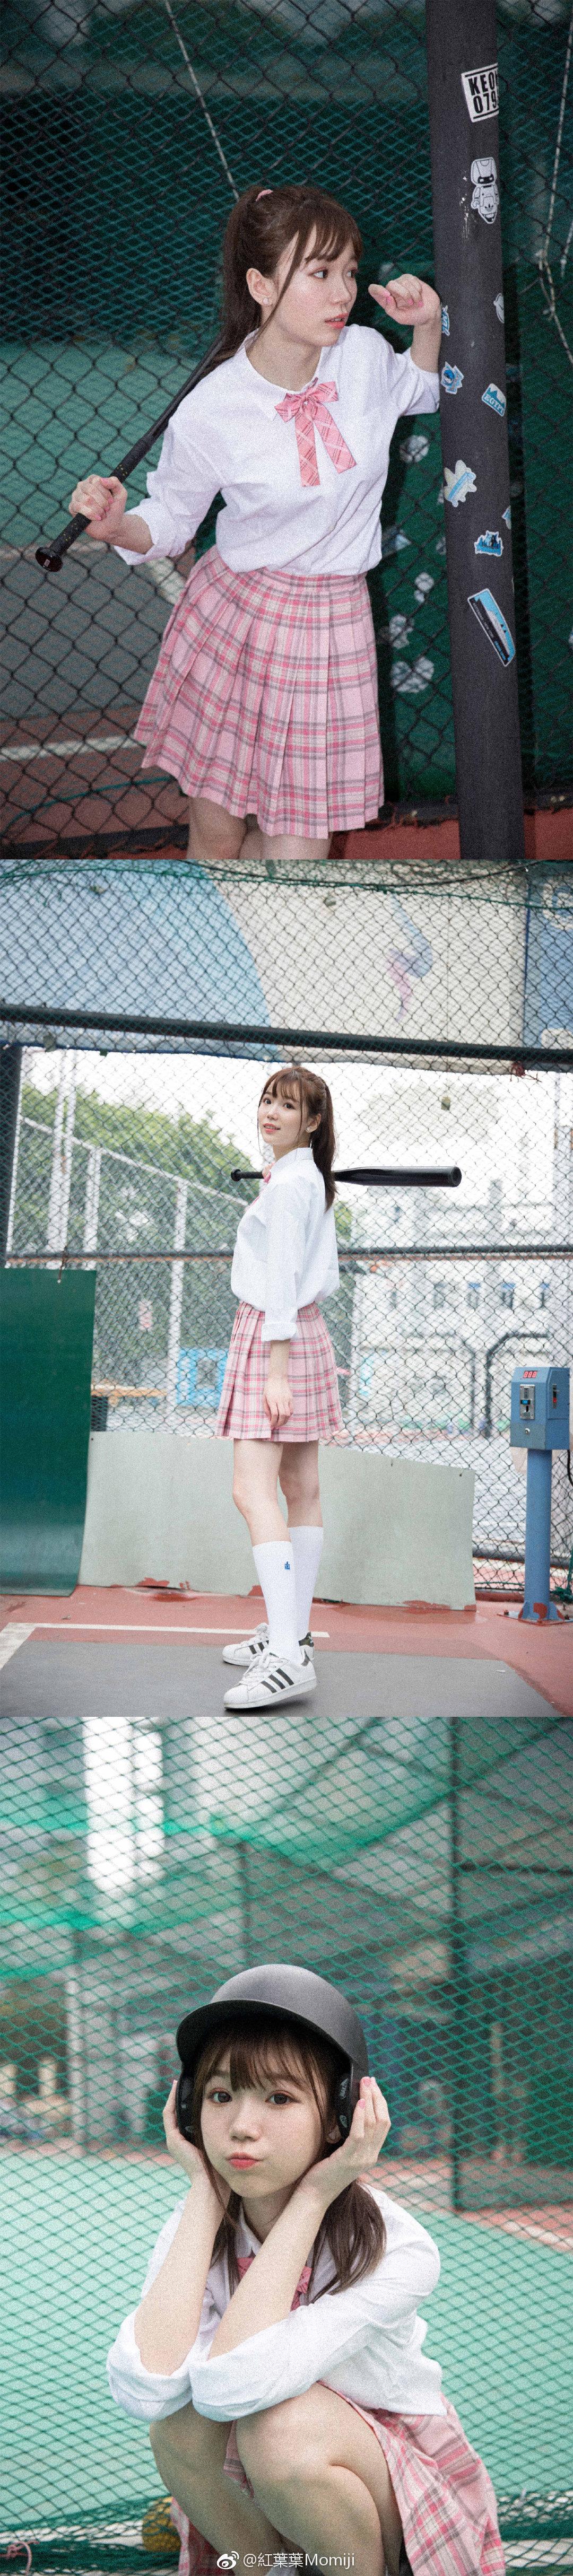 棒球少女插图2